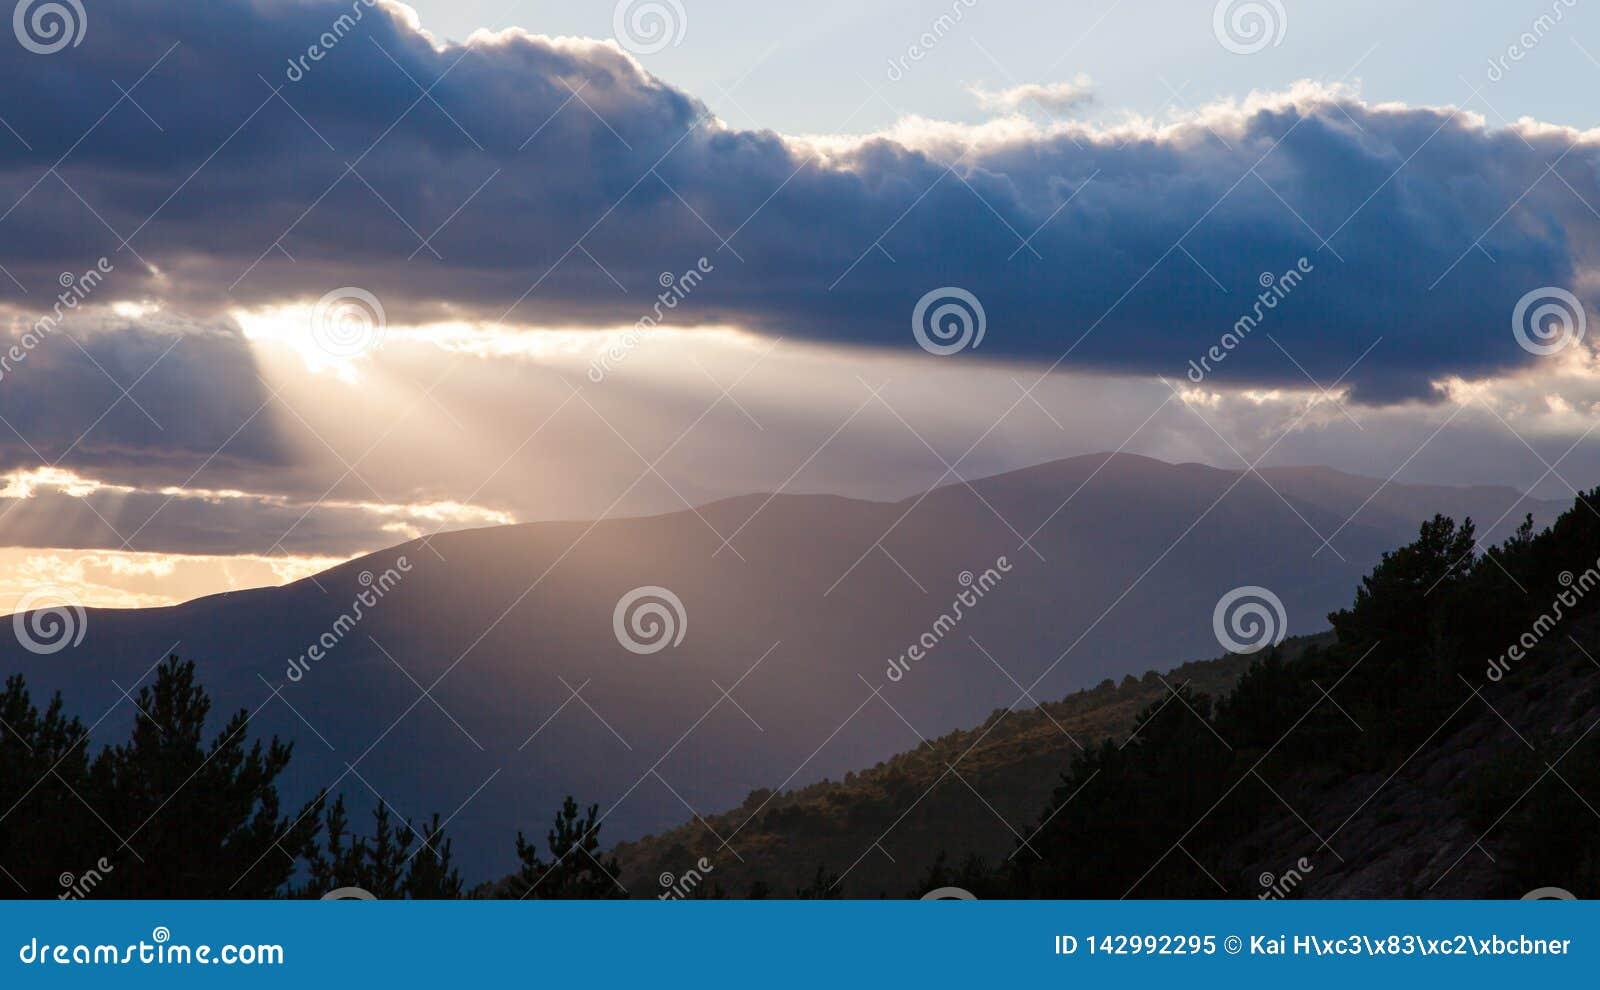 Esponga al sole splendere con spesso si rannuvola le montagne subito prima del tramonto